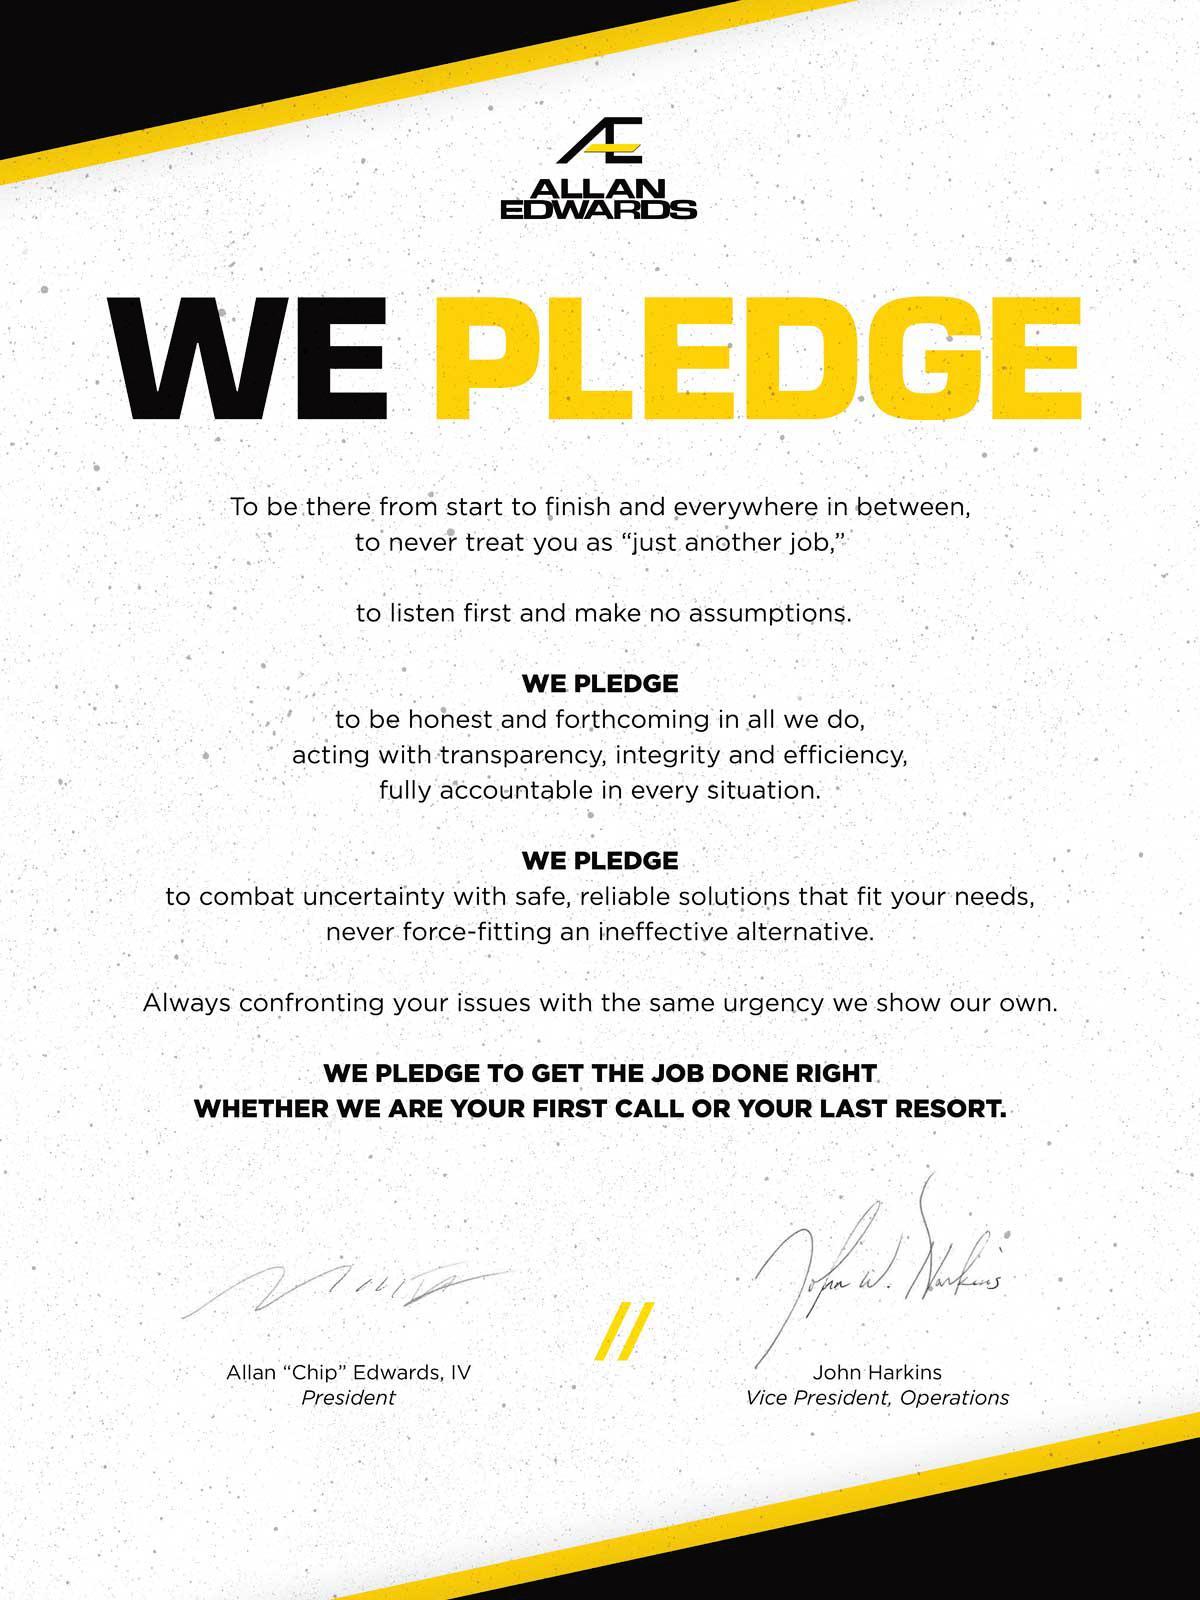 We pledge graphic